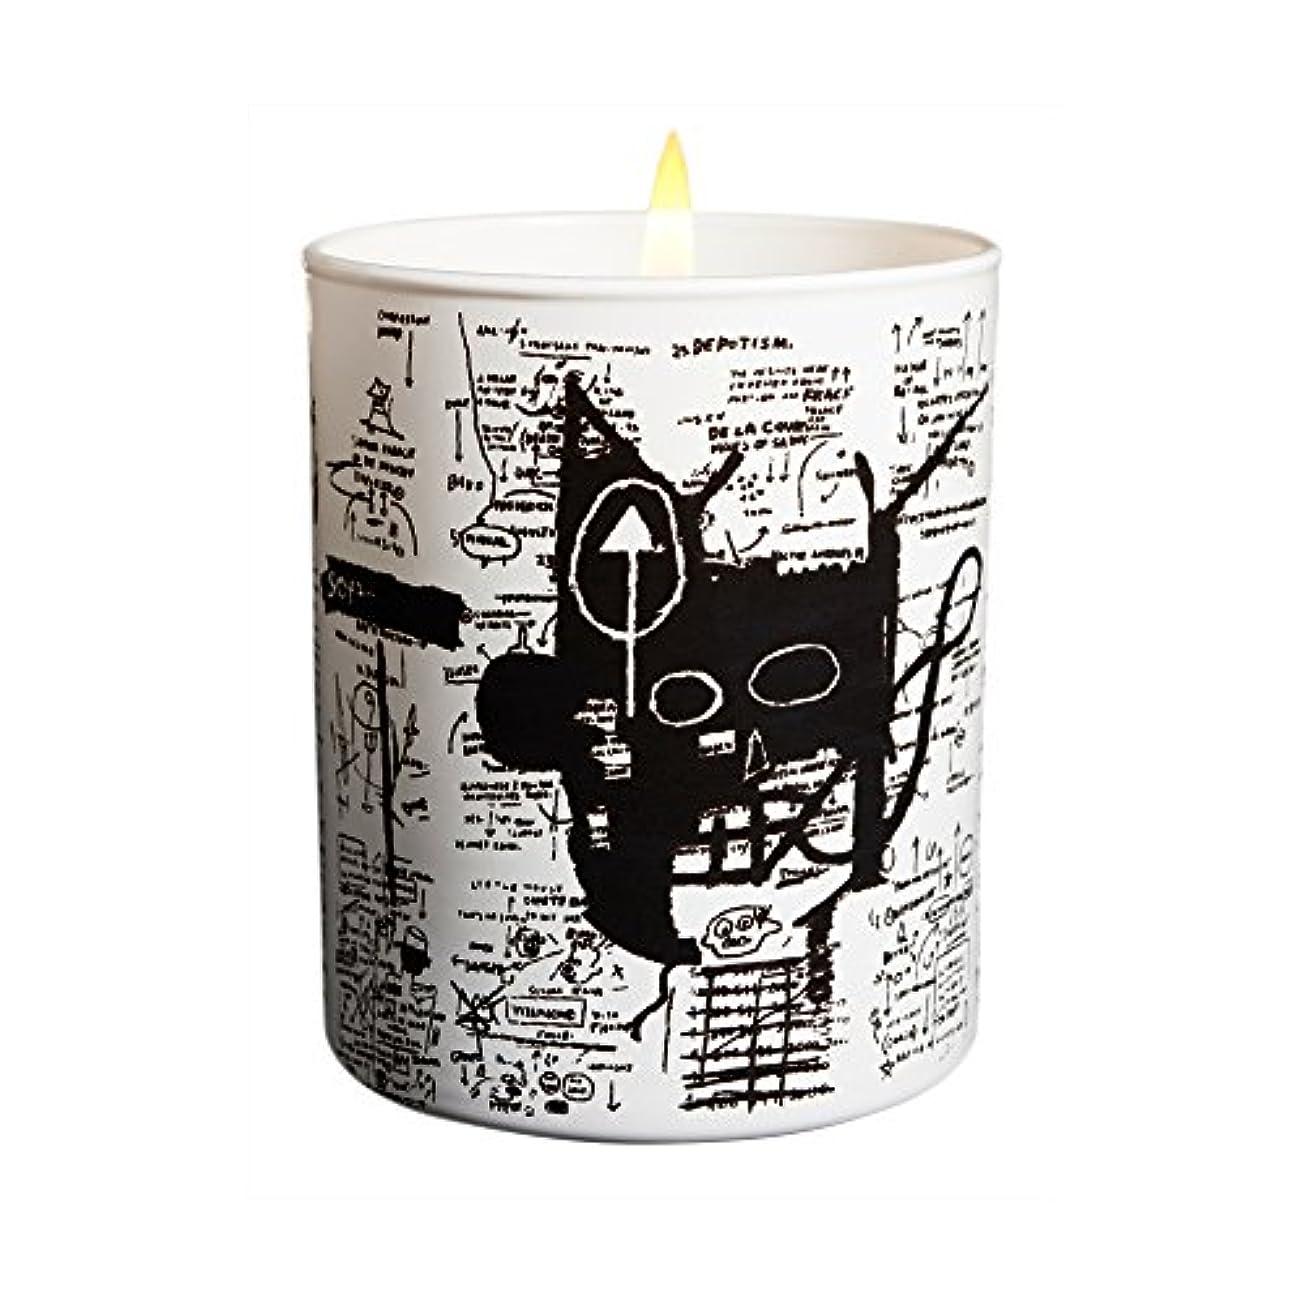 タクシー刈り取る巧みなジャン ミシェル バスキア リターン オブ ザ セントラル フィギュア キャンドル(Jean-Michael Basquiat Perfumed Candle